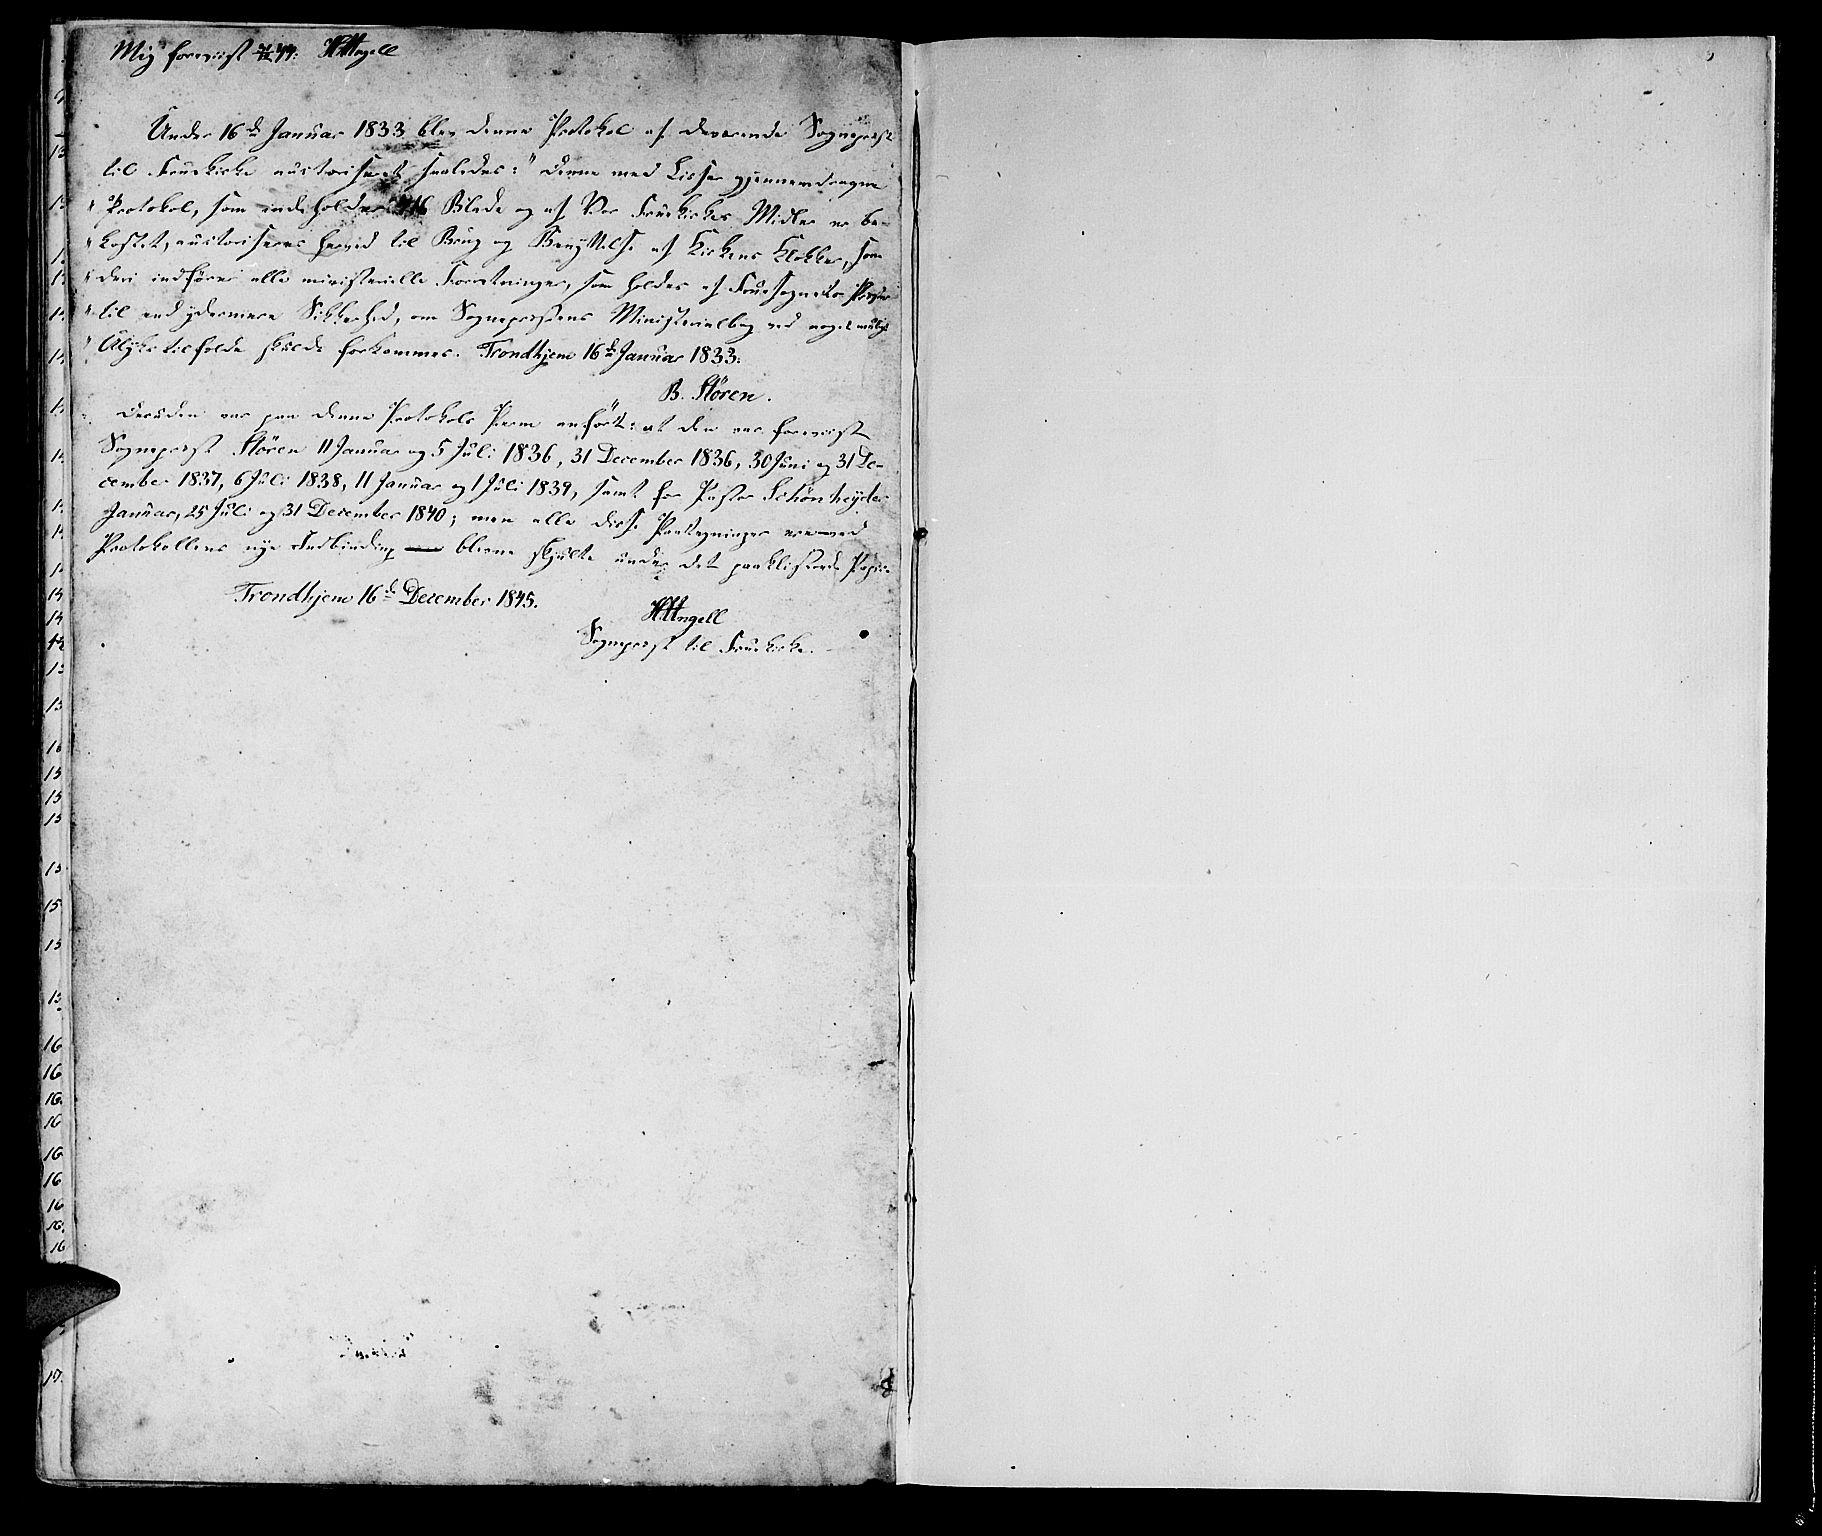 SAT, Ministerialprotokoller, klokkerbøker og fødselsregistre - Sør-Trøndelag, 602/L0136: Klokkerbok nr. 602C04, 1833-1845